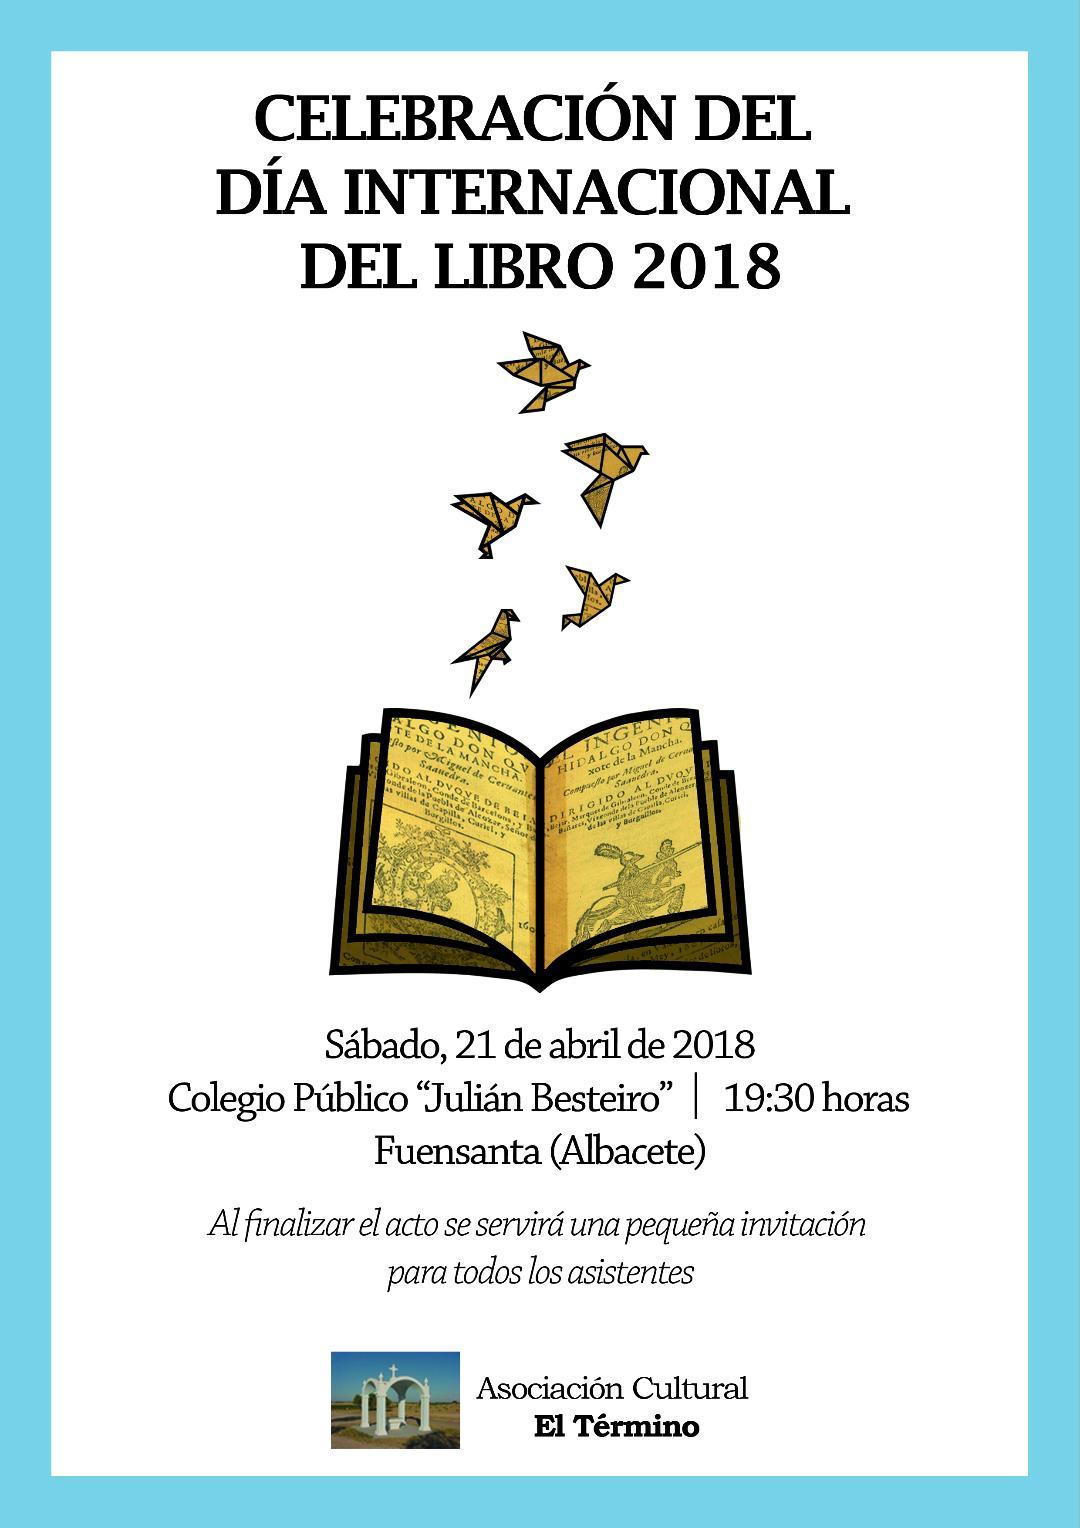 CELEBRACIÓN DIA INTERNACIONAL DEL LIBRO